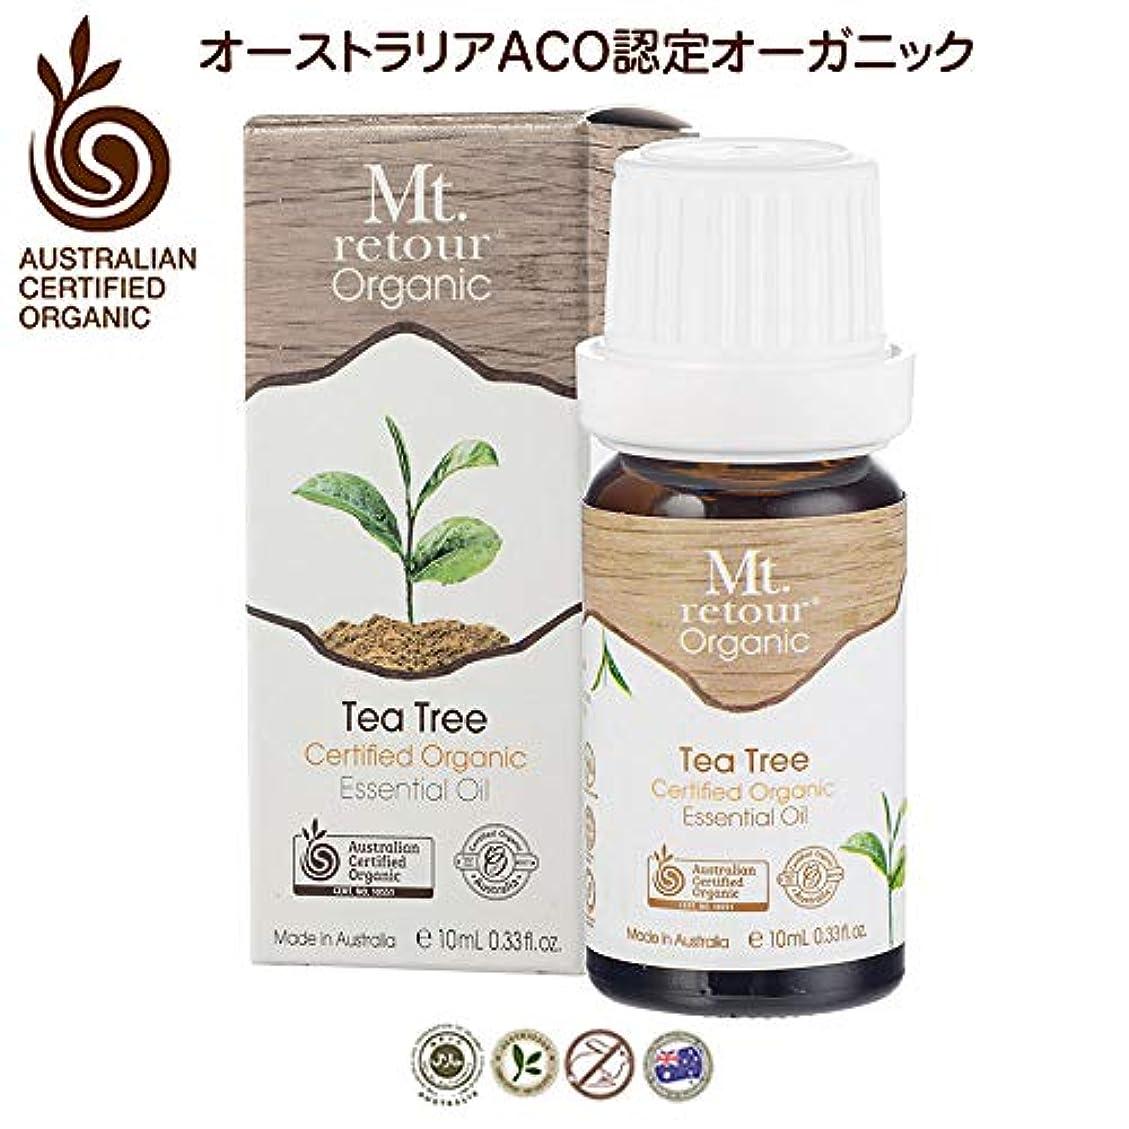 はねかける超えて分岐するMt. retour ACO認定オーガニック ティーツリー 10ml エッセンシャルオイル(無農薬有機)アロマ